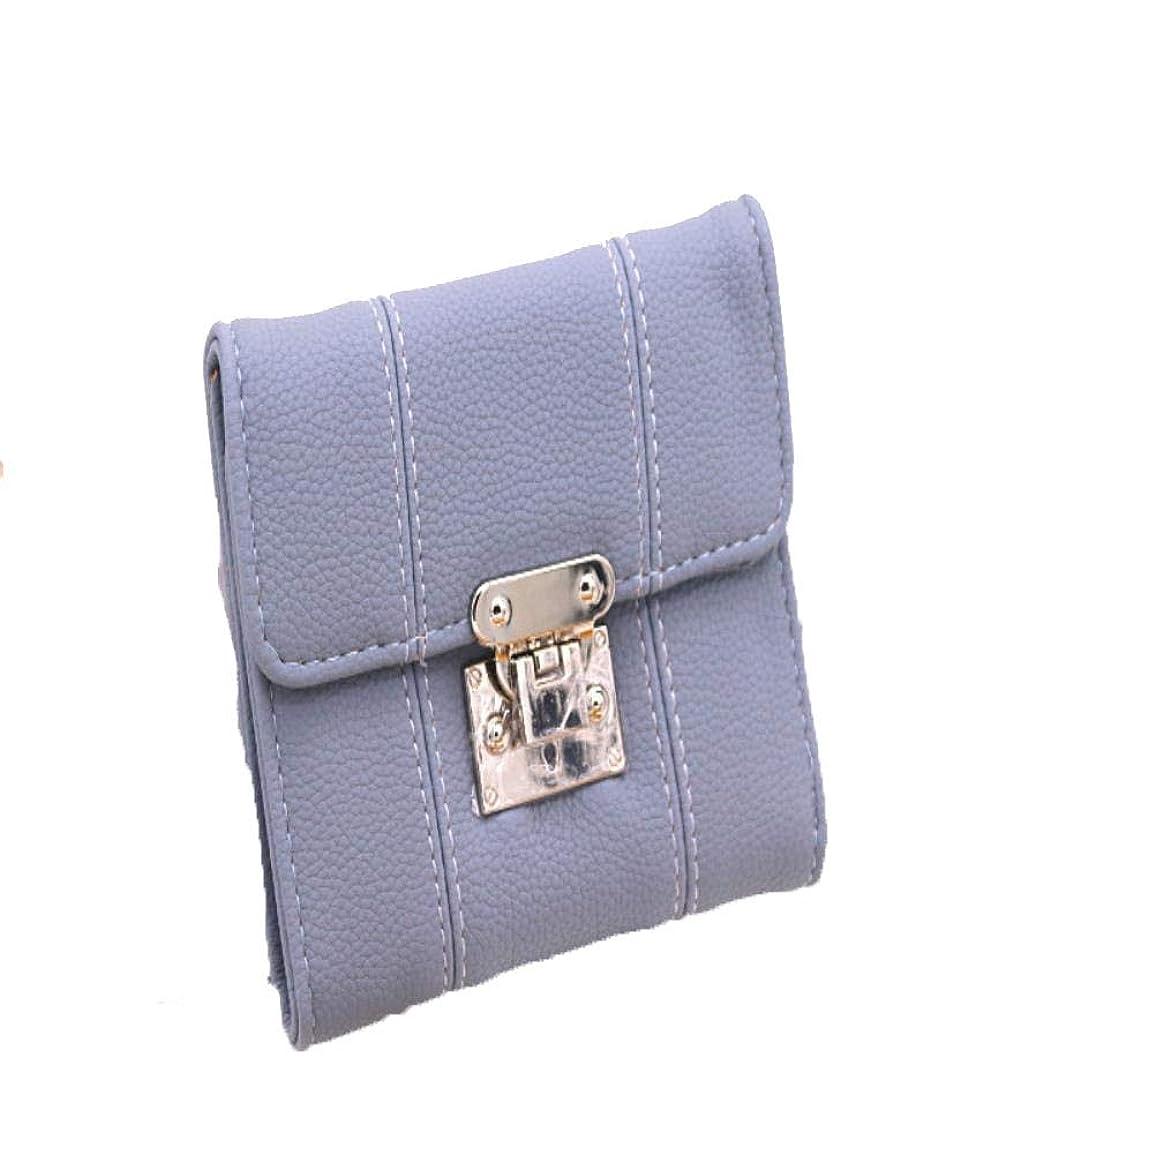 ライブスイング迷信ハンドバッグの女性の短い財布の女性の韓国語バージョンのロックライチPUレザー財布3つ折り財布無地コインバッグ